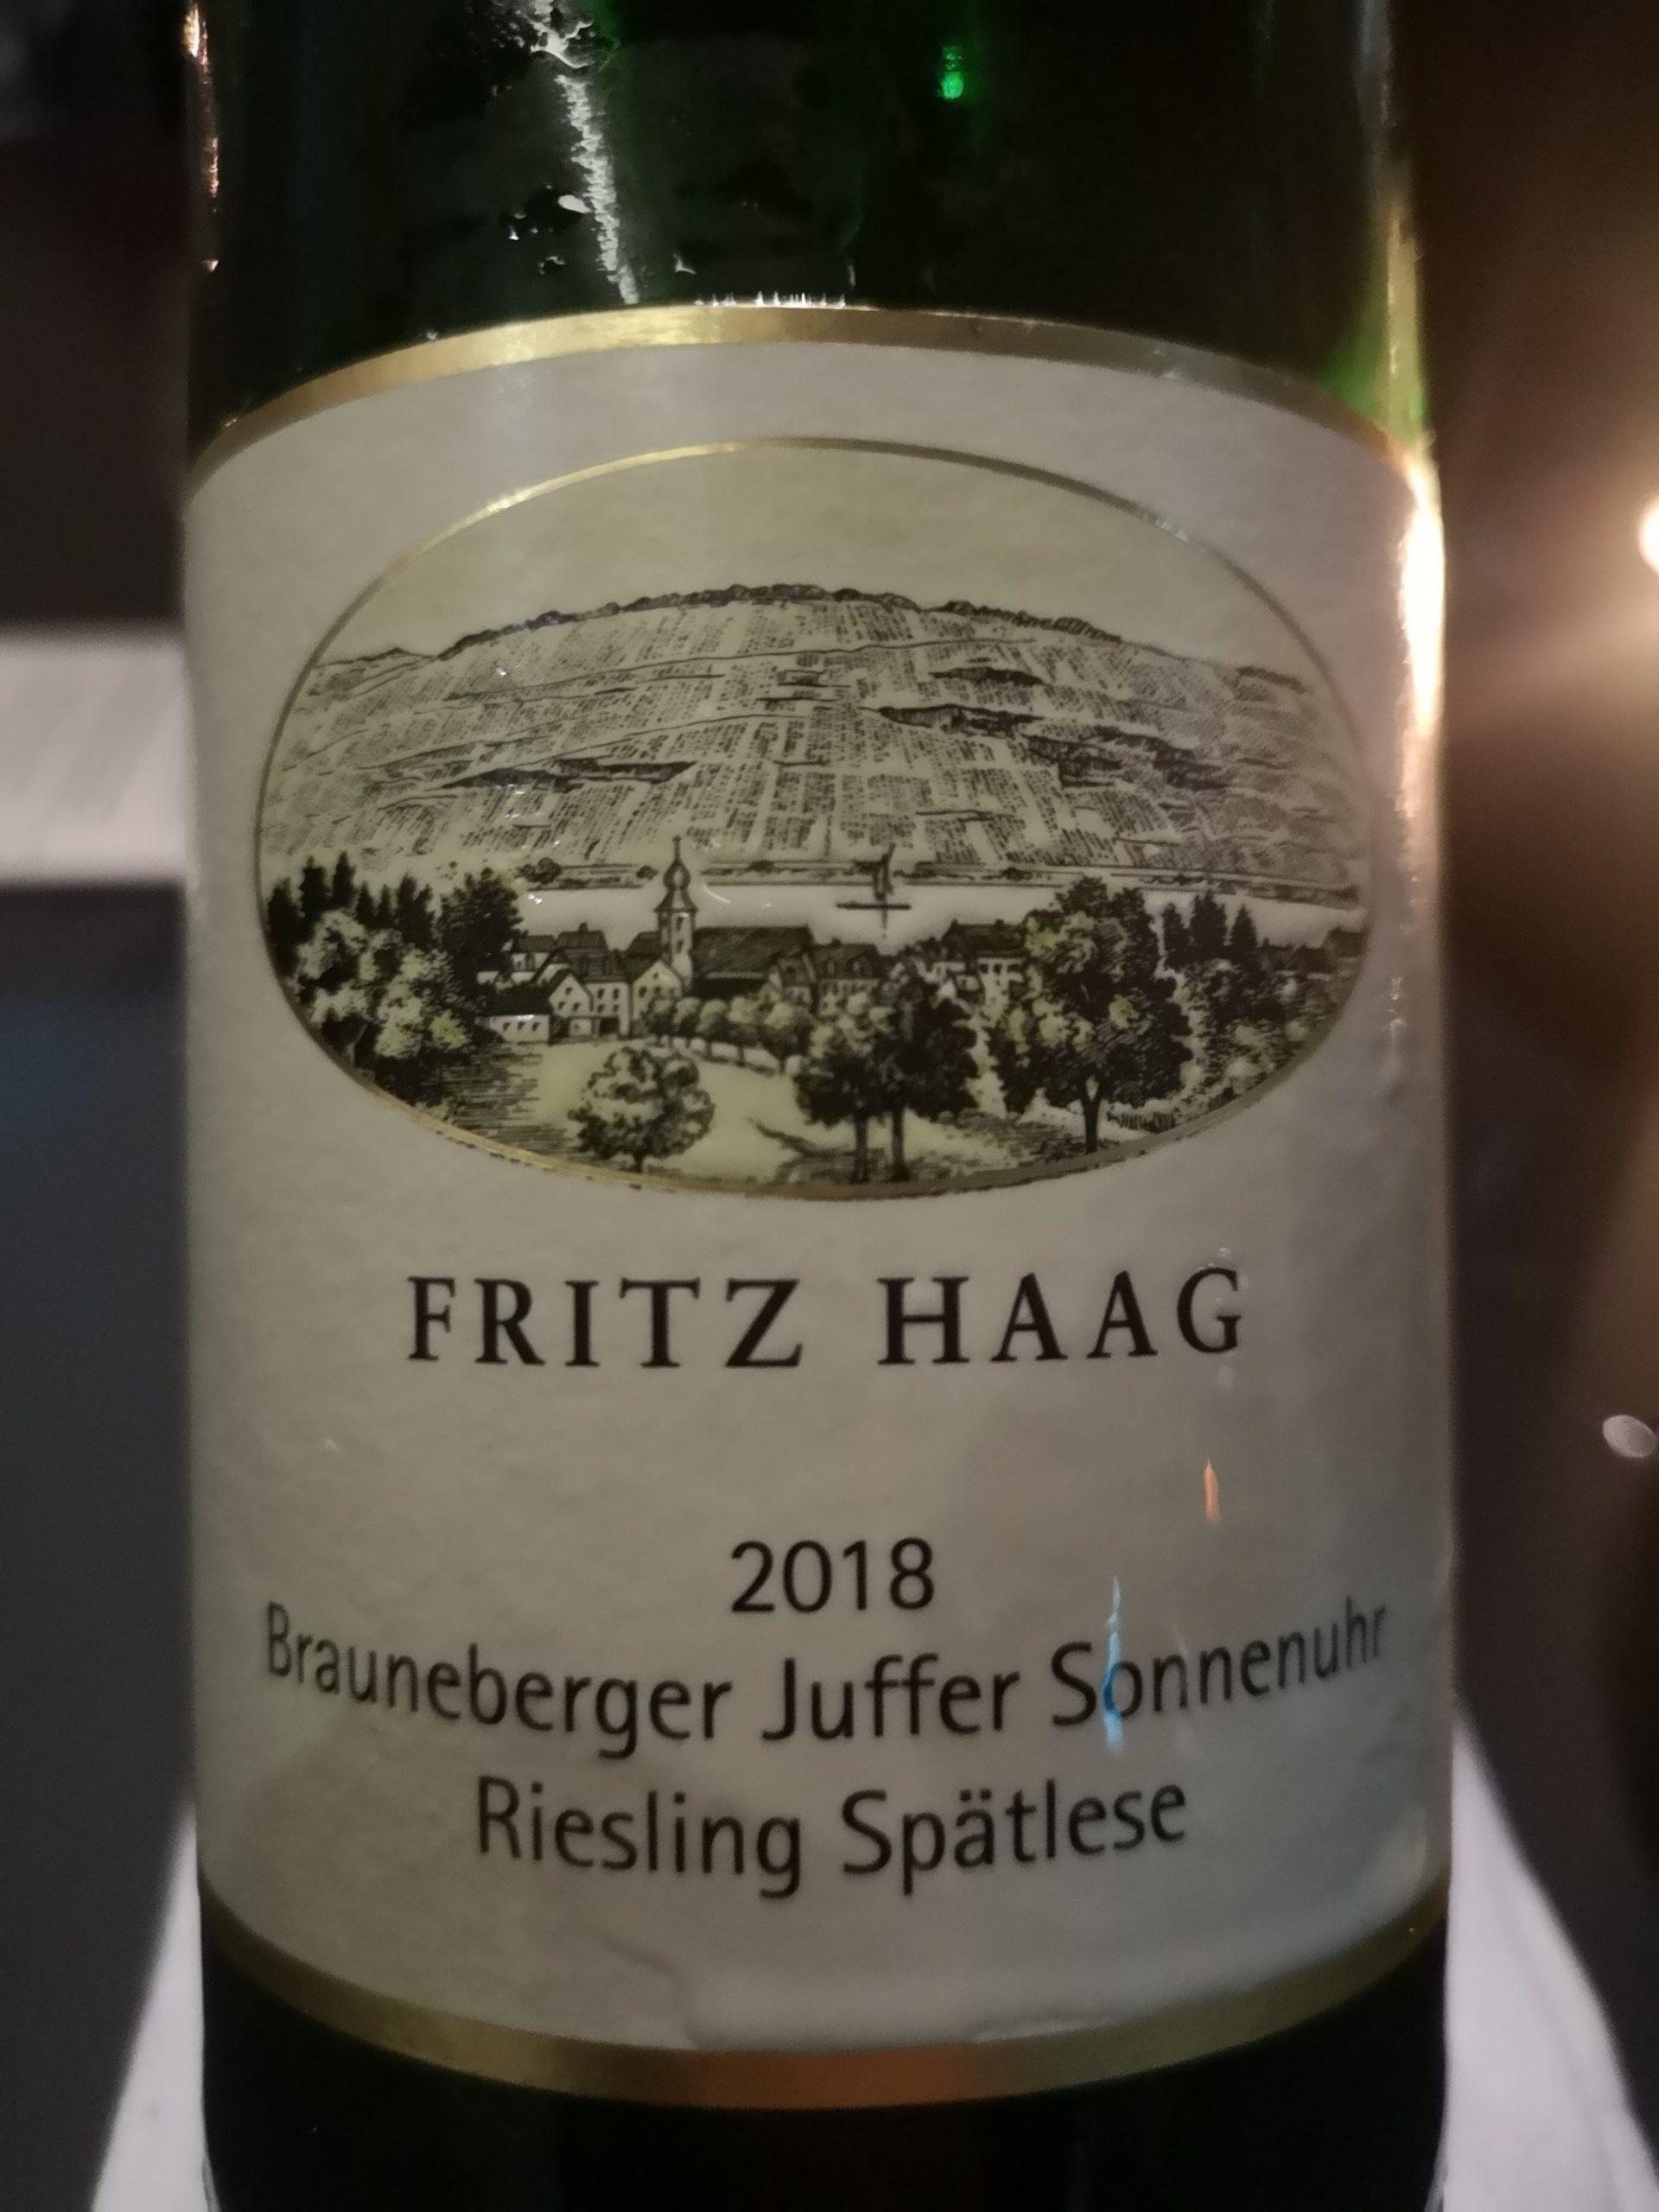 2018 Riesling Spätlese Brauneberger Juffer | Fritz Haag